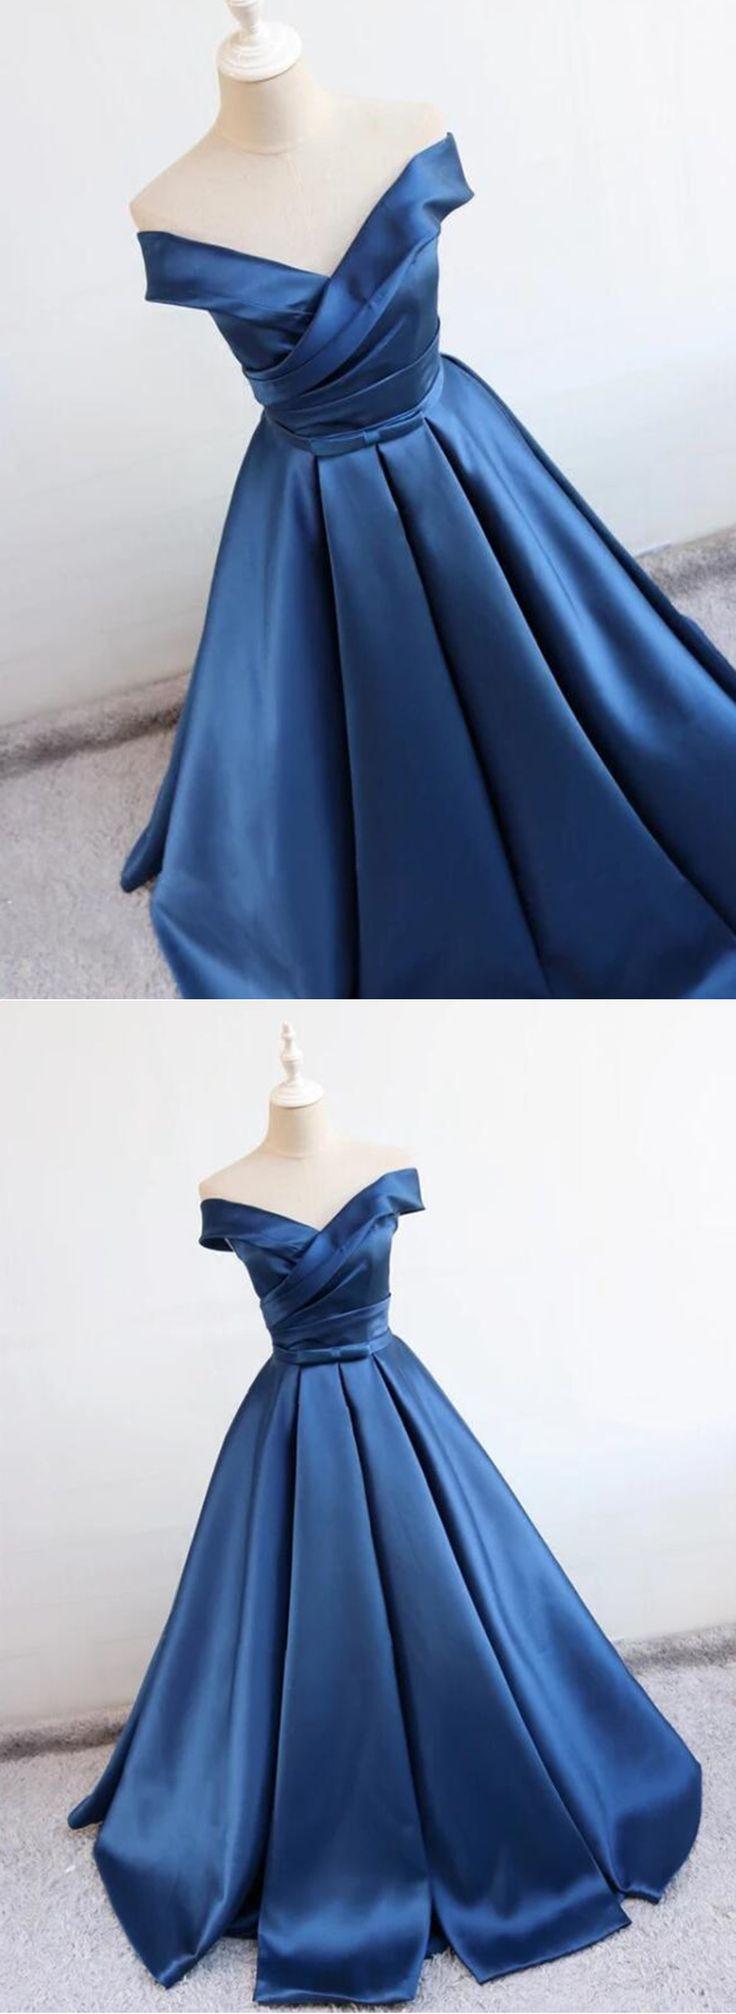 Deep blue V neck long off shoulder prom dress, long satin homecoming dresses